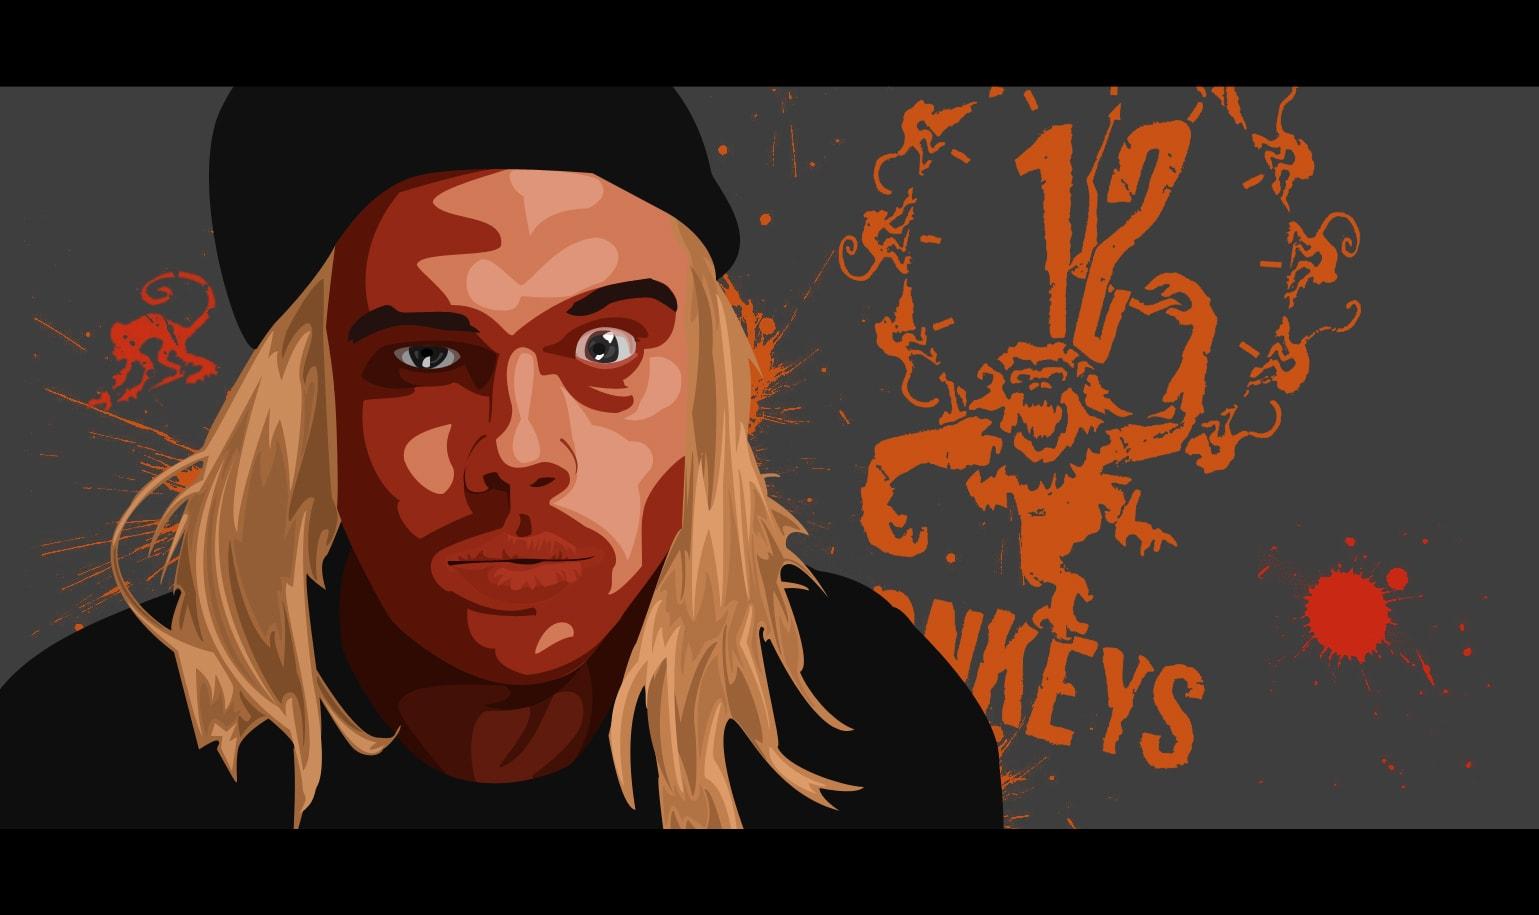 12 Monkeys HQ wallpapers